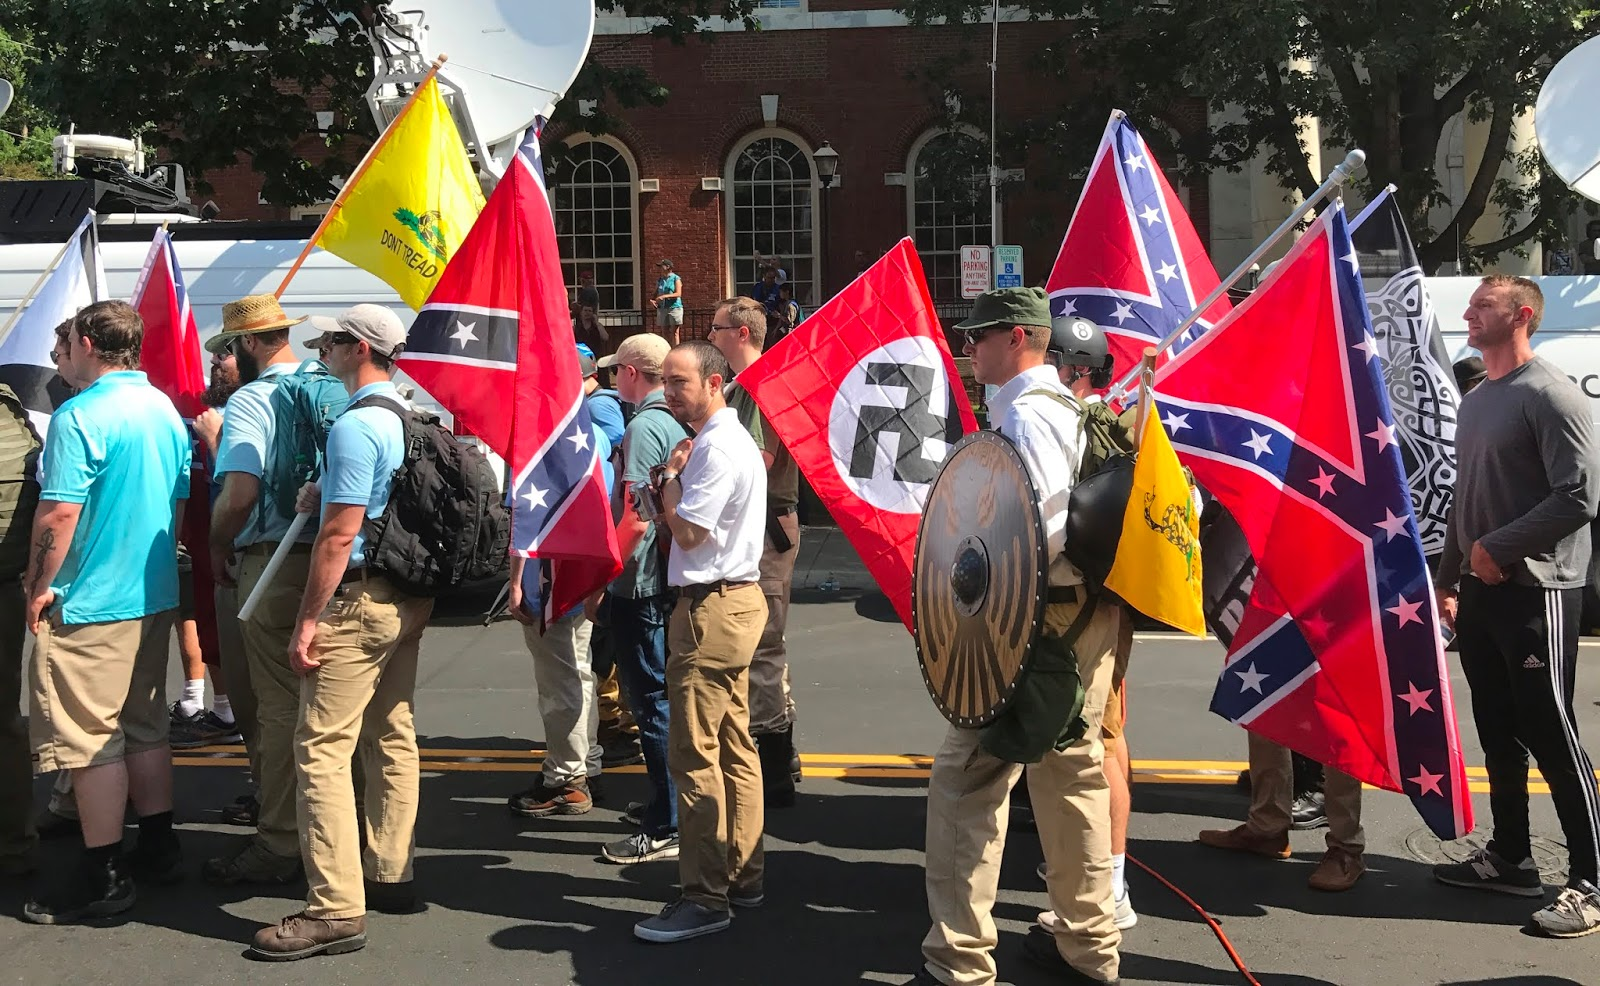 30f2514fc6b1 Rechte Demo-Teilnehmer, die die Kriegsflagge der Konföderierten, die  Gadsden flag und die Hakenkreuzflagge mit sich führen.